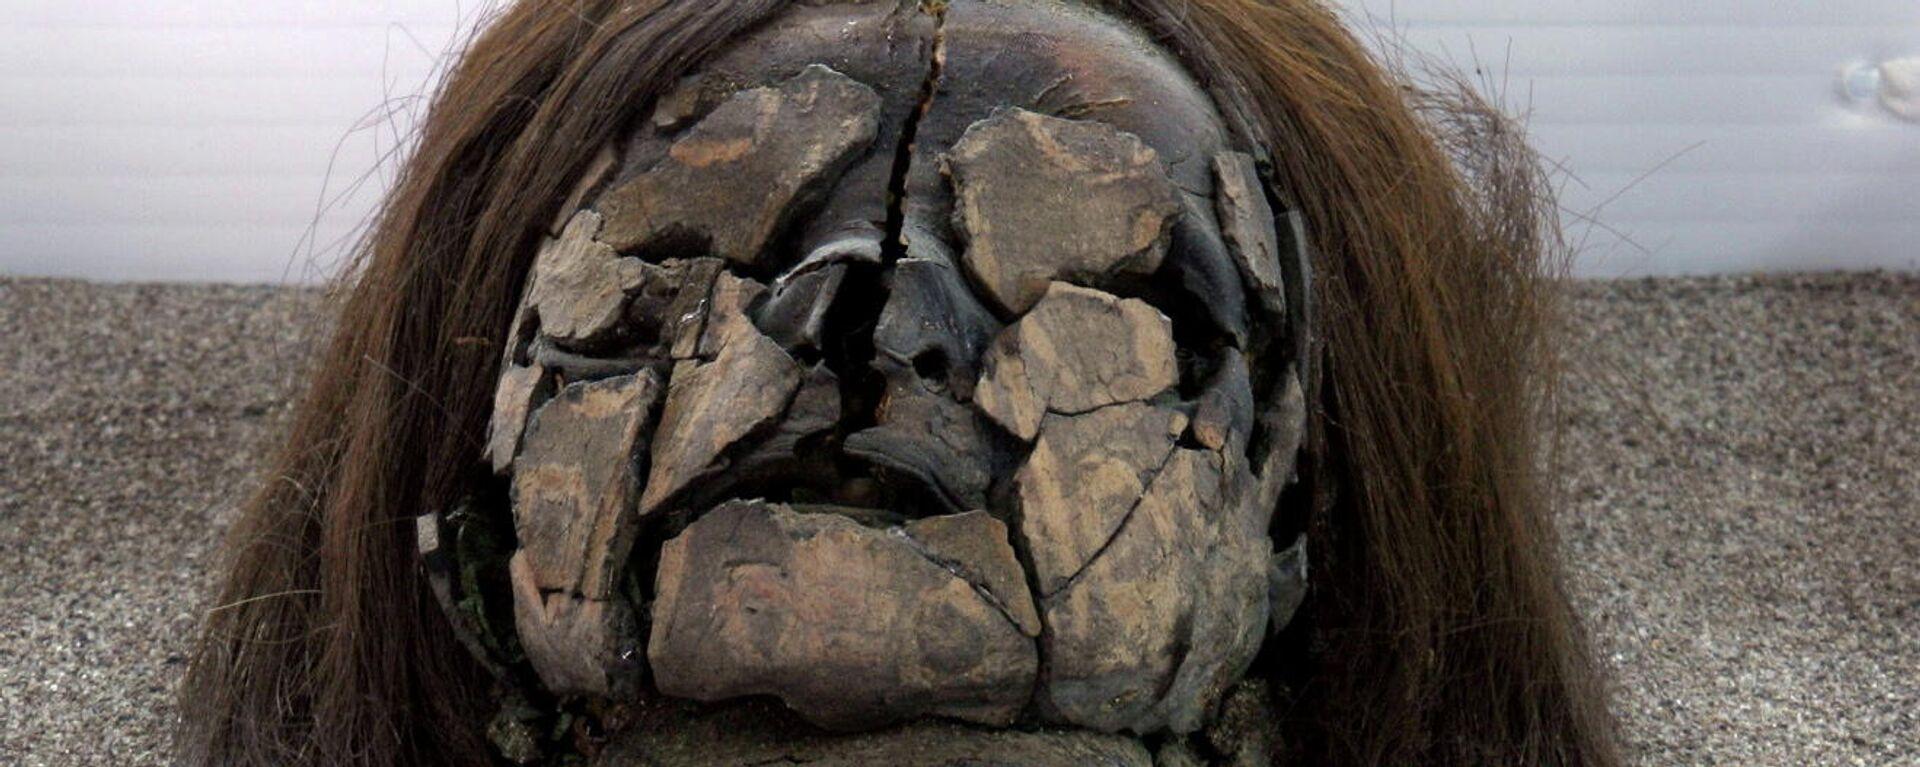 La Cultura Chinchorro, de más de 7.000 años de antiguedad, se destacó por su práctica de momificación artificial que reflejaba cualidades escultóricas y estéticas.  - Sputnik Mundo, 1920, 05.08.2021